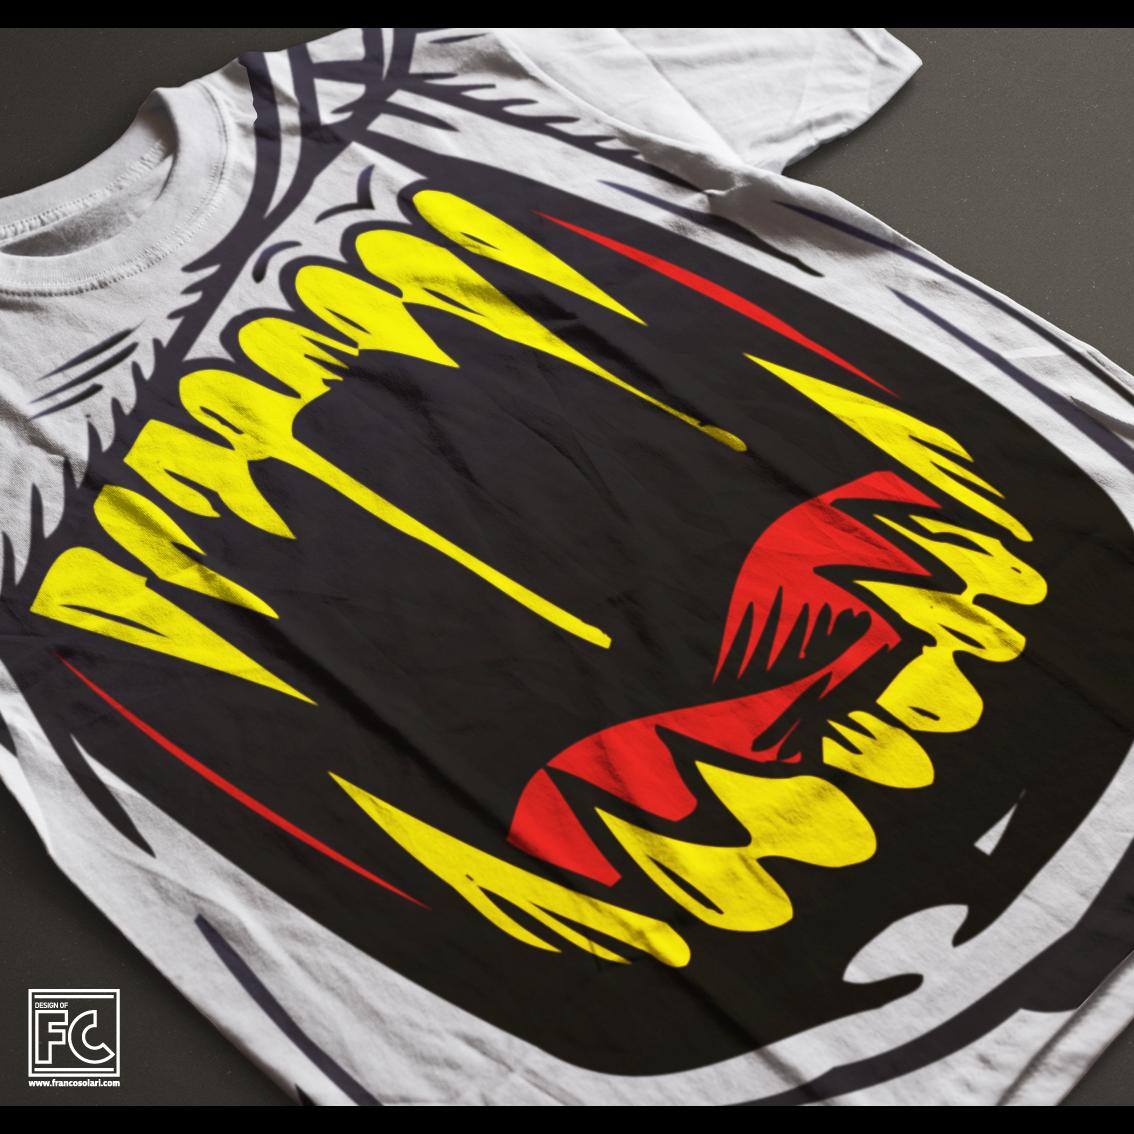 colección de t-shirts de la marca #SobeAustralia: ropa y artículos deportivos para surf y skate. temporada otoño/invierno 2008.